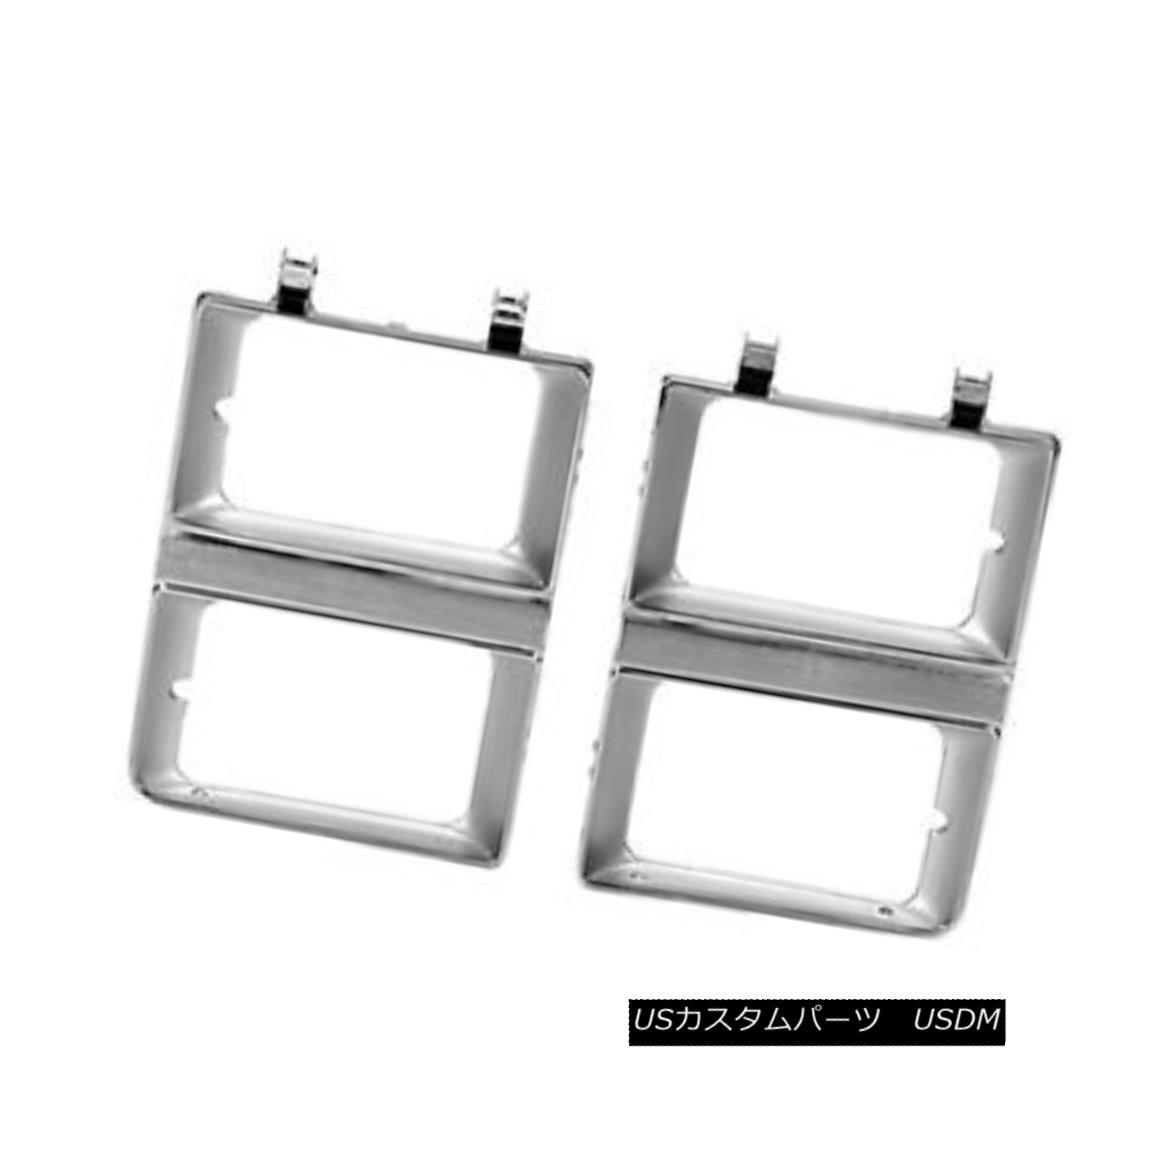 グリル New Headlight Door Driver Side for Dual Lamps Rectangular w/o Sport 630-00844BL デュアルランプ用の新しいヘッドライトドアのドライバーサイド長方形のスポーツなし630-00844BL